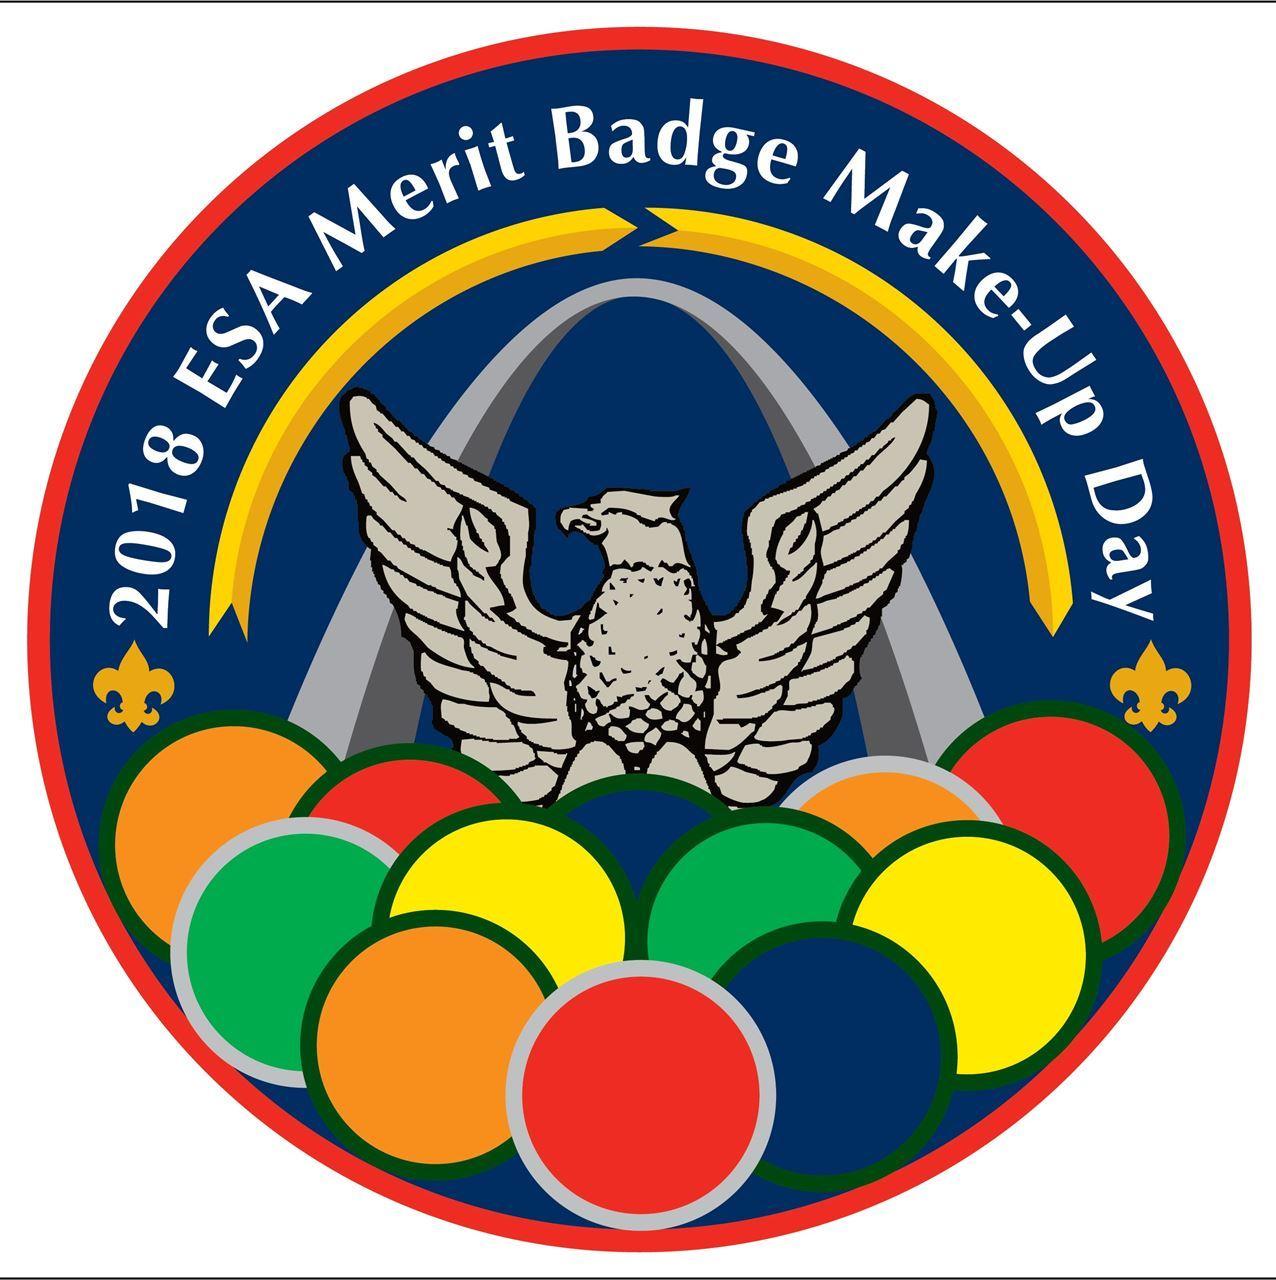 Eagle Scout Association